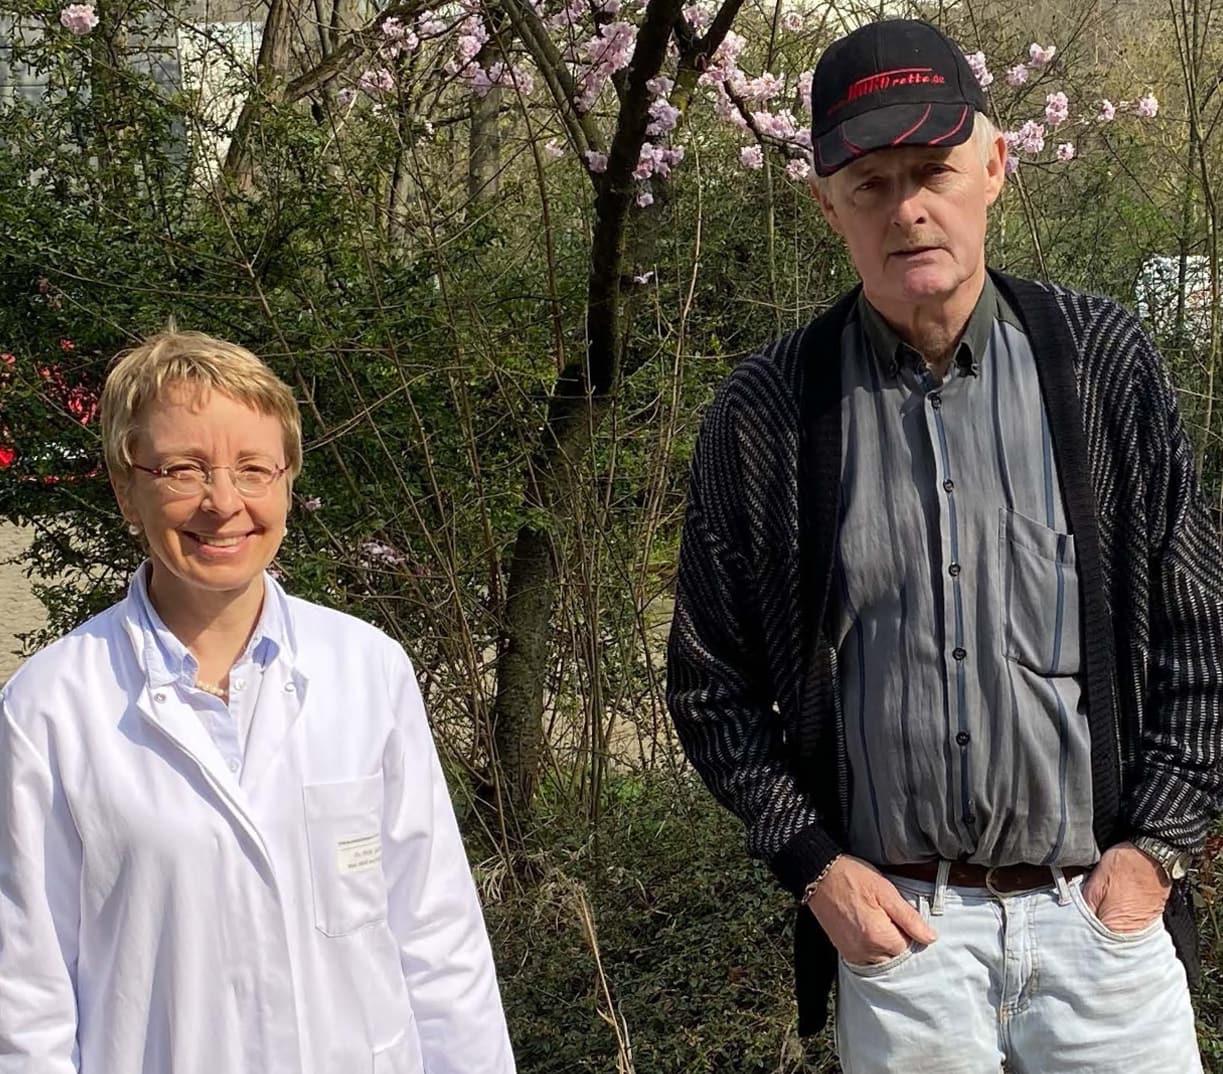 Betroffener spendet für die Myelom-Forschung am Uniklinikum Würzburg